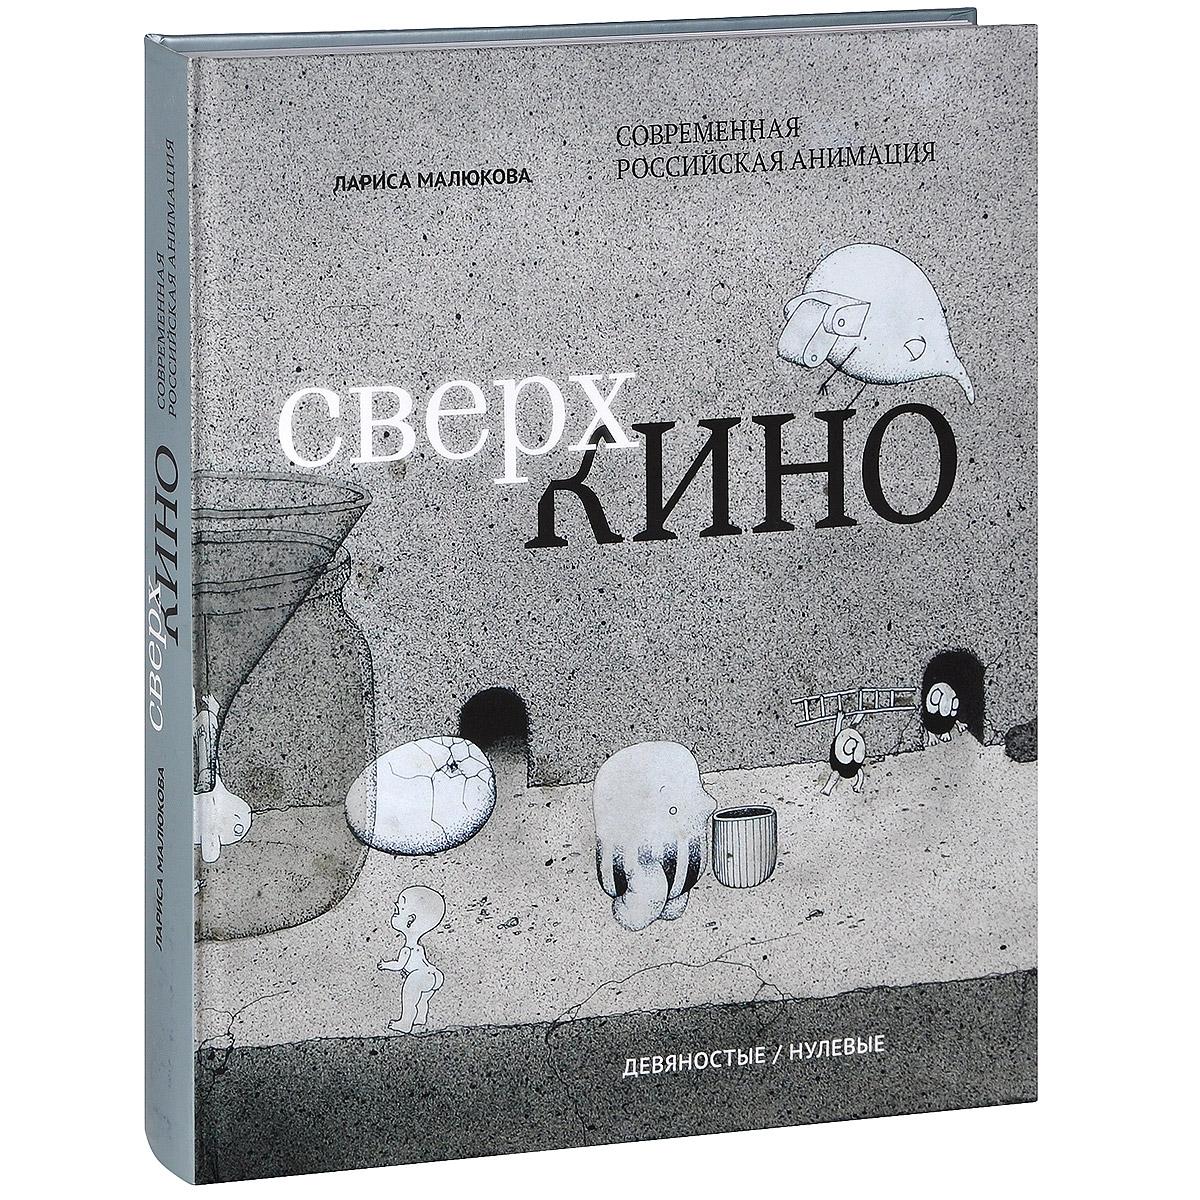 СверхКино, Лариса Малюкова